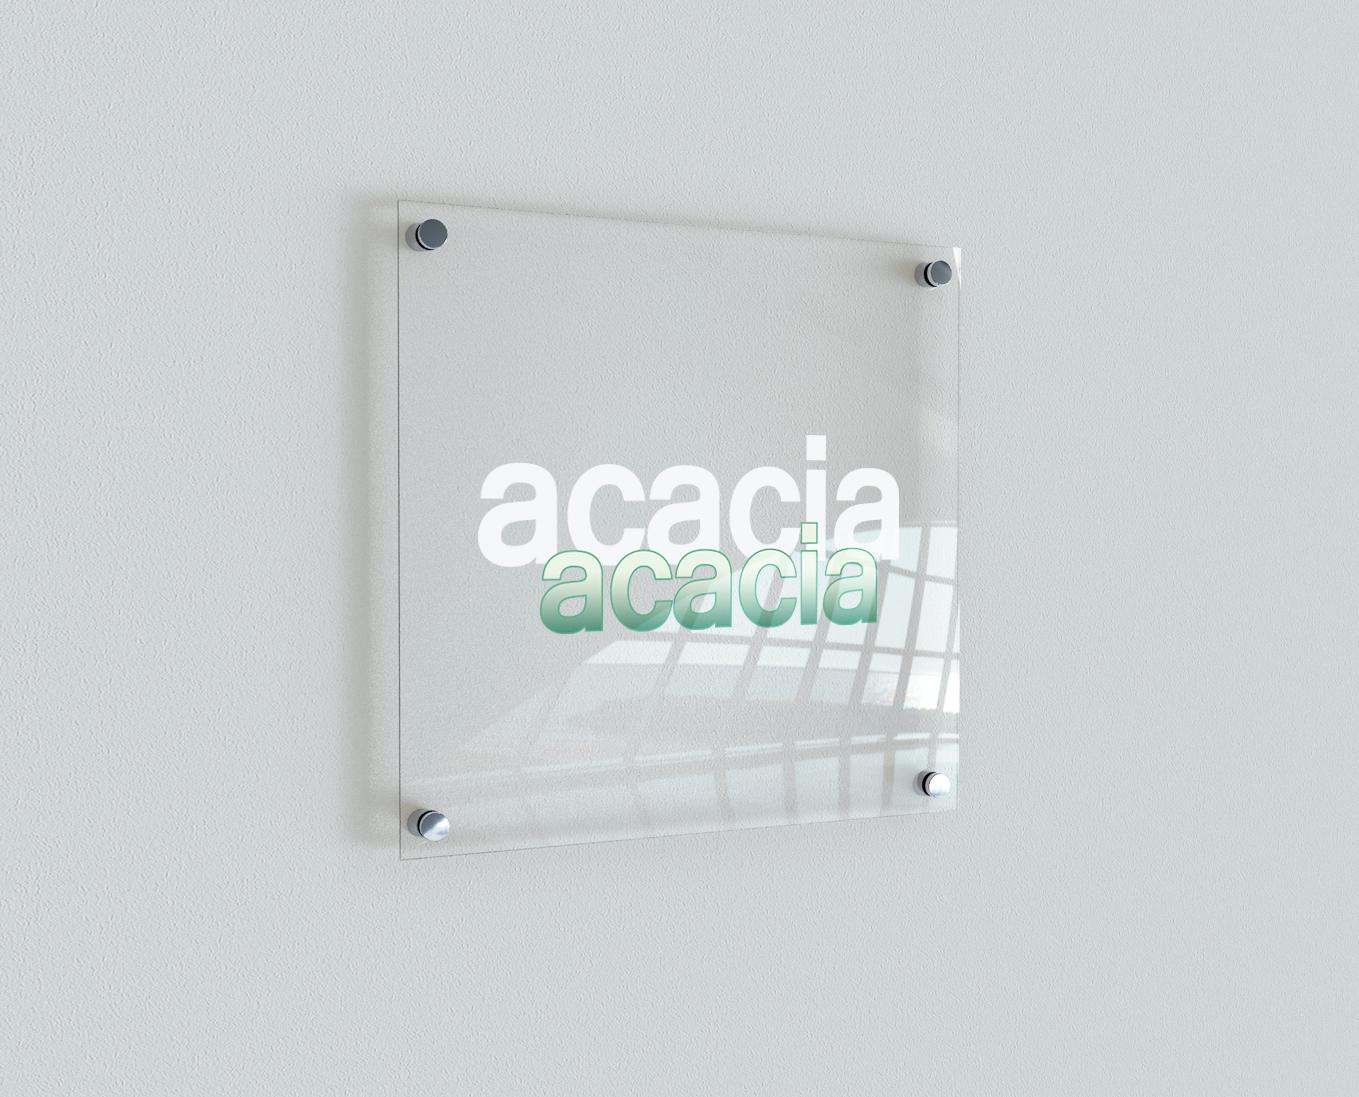 Acacia-chi-siamo